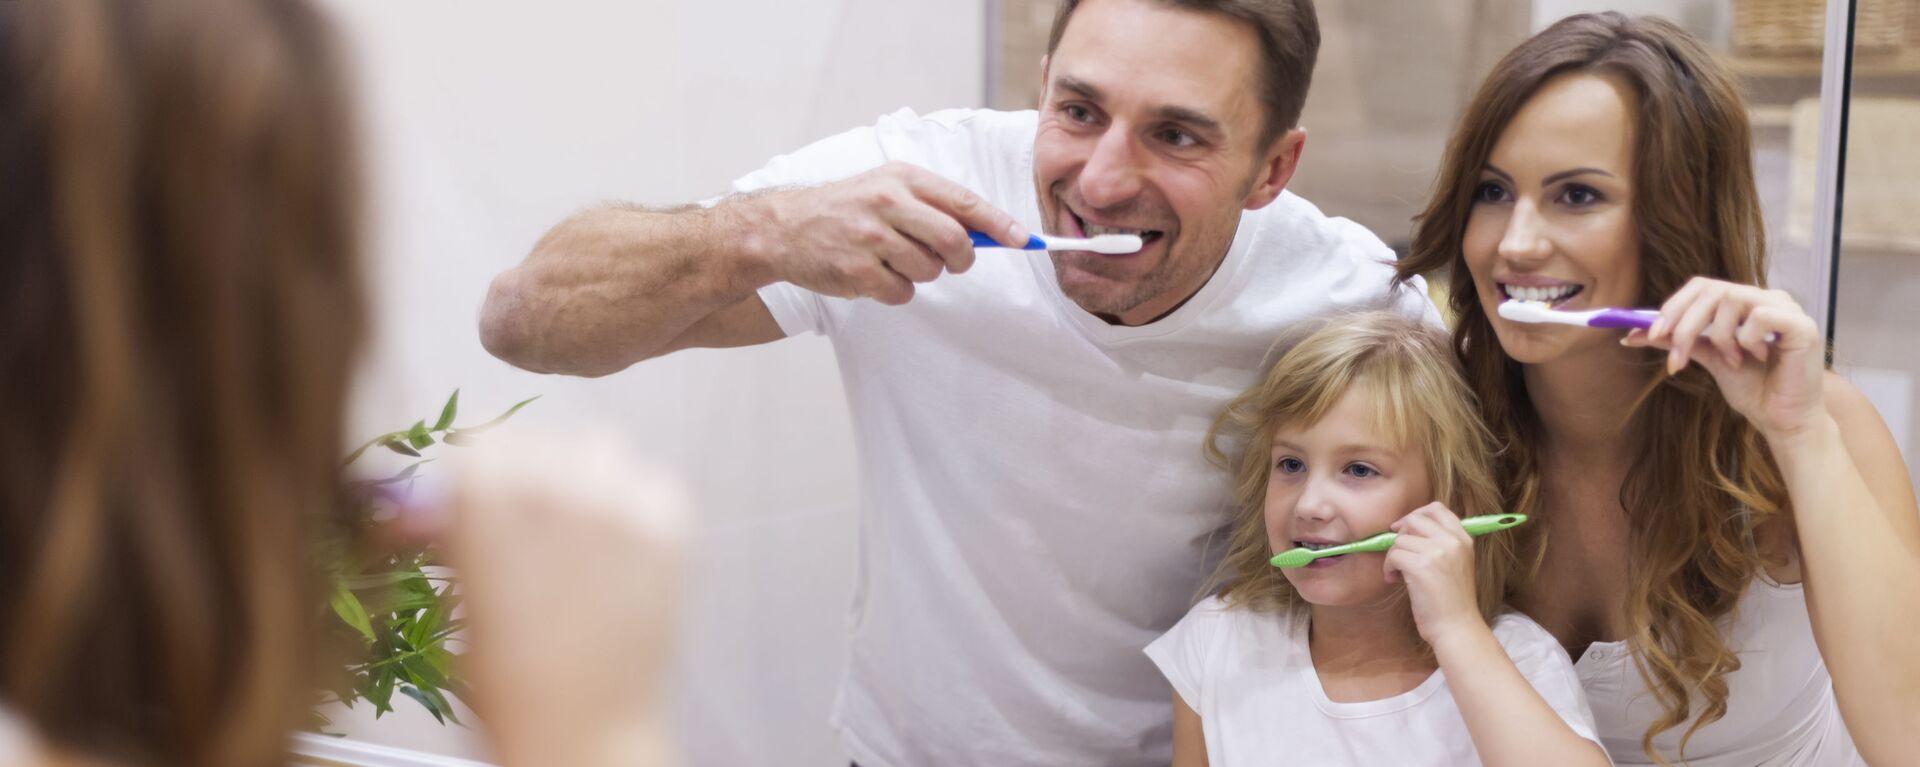 Rodzina czyści zęby przed lustrem w łazience. - Sputnik Polska, 1920, 13.05.2021